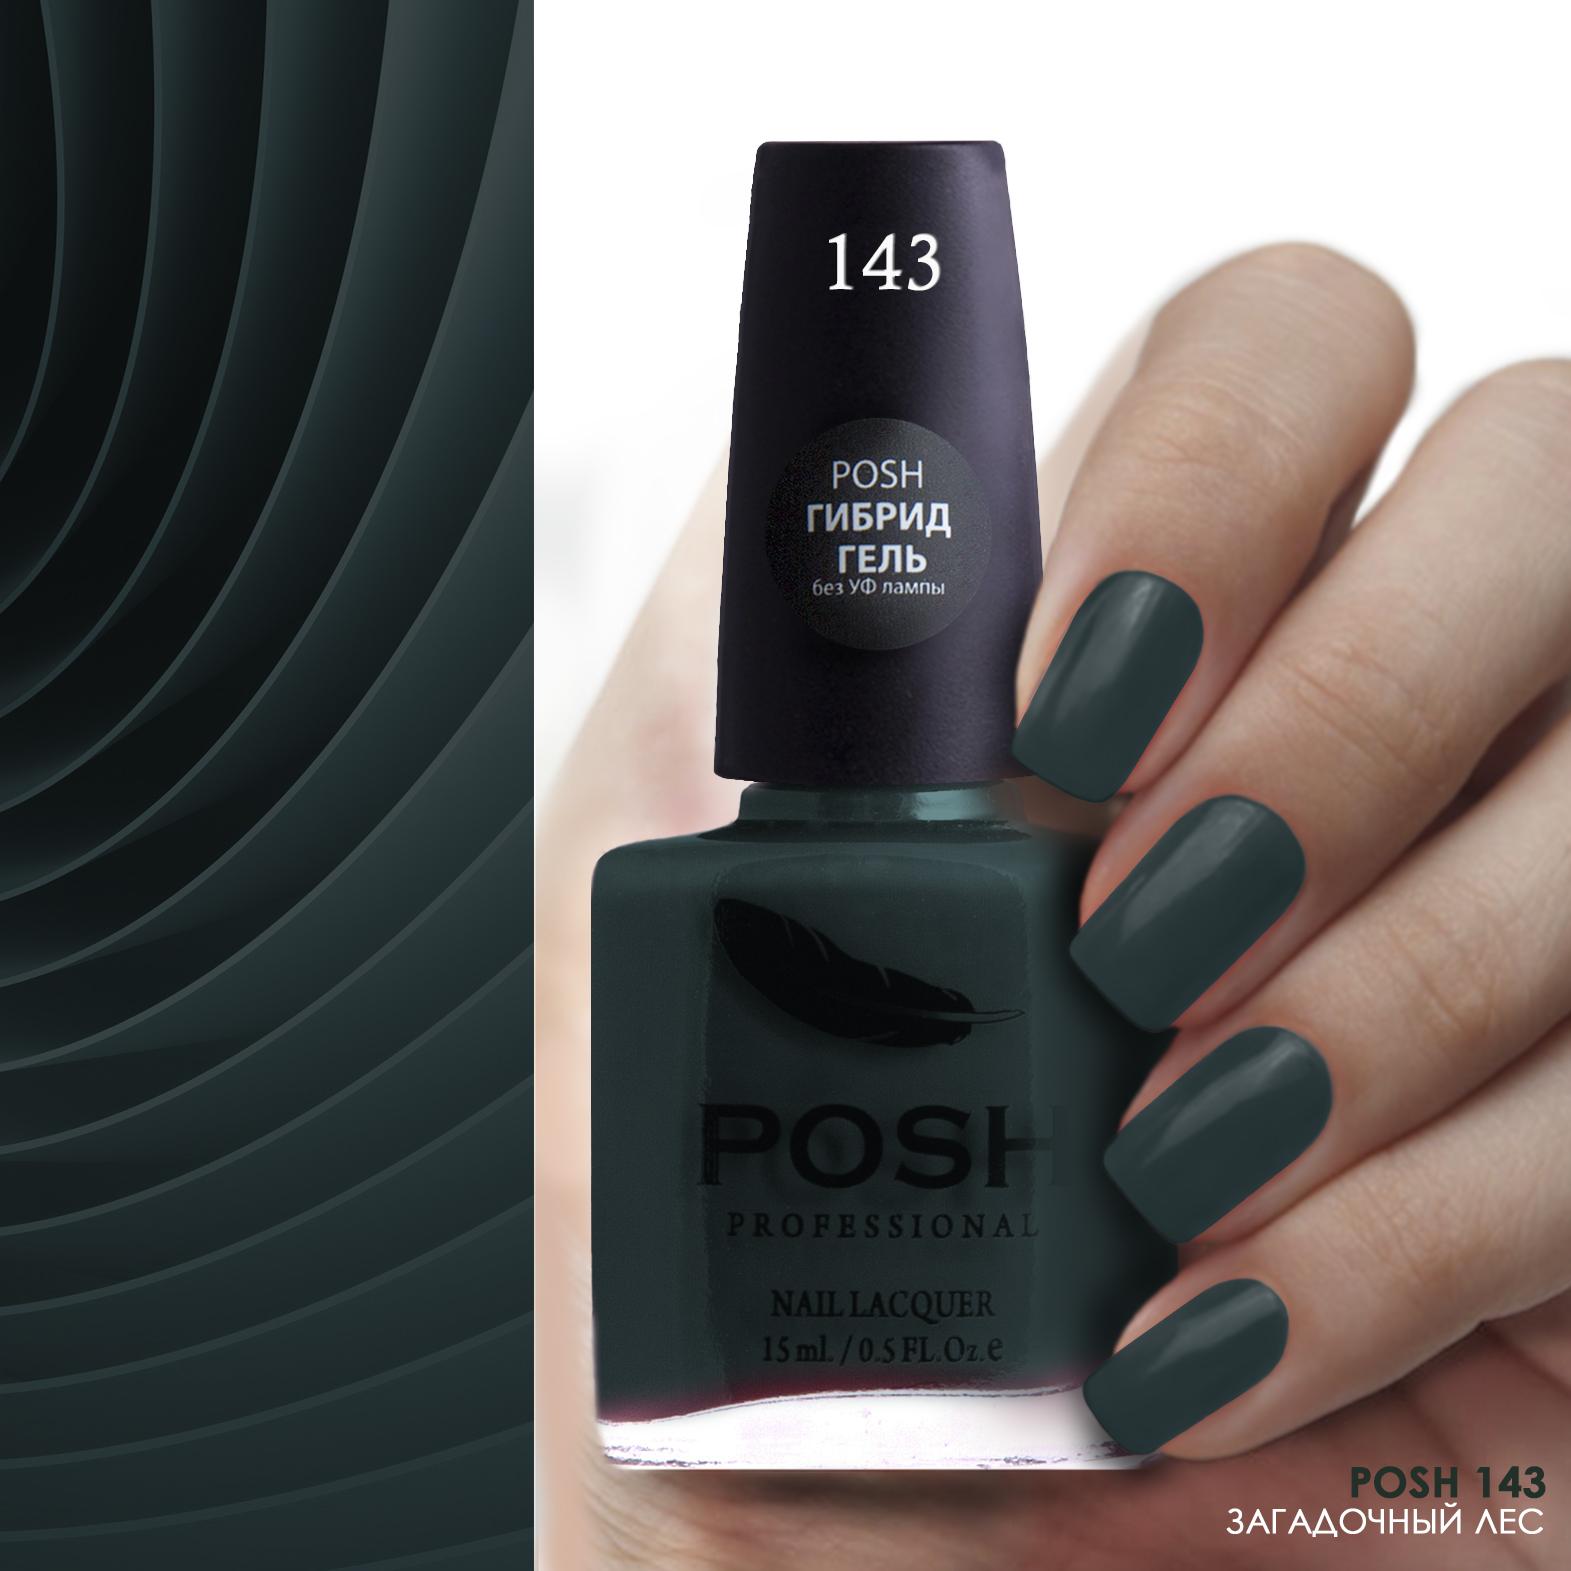 POSH 143 лак для ногтей Загадочный лес 15мл